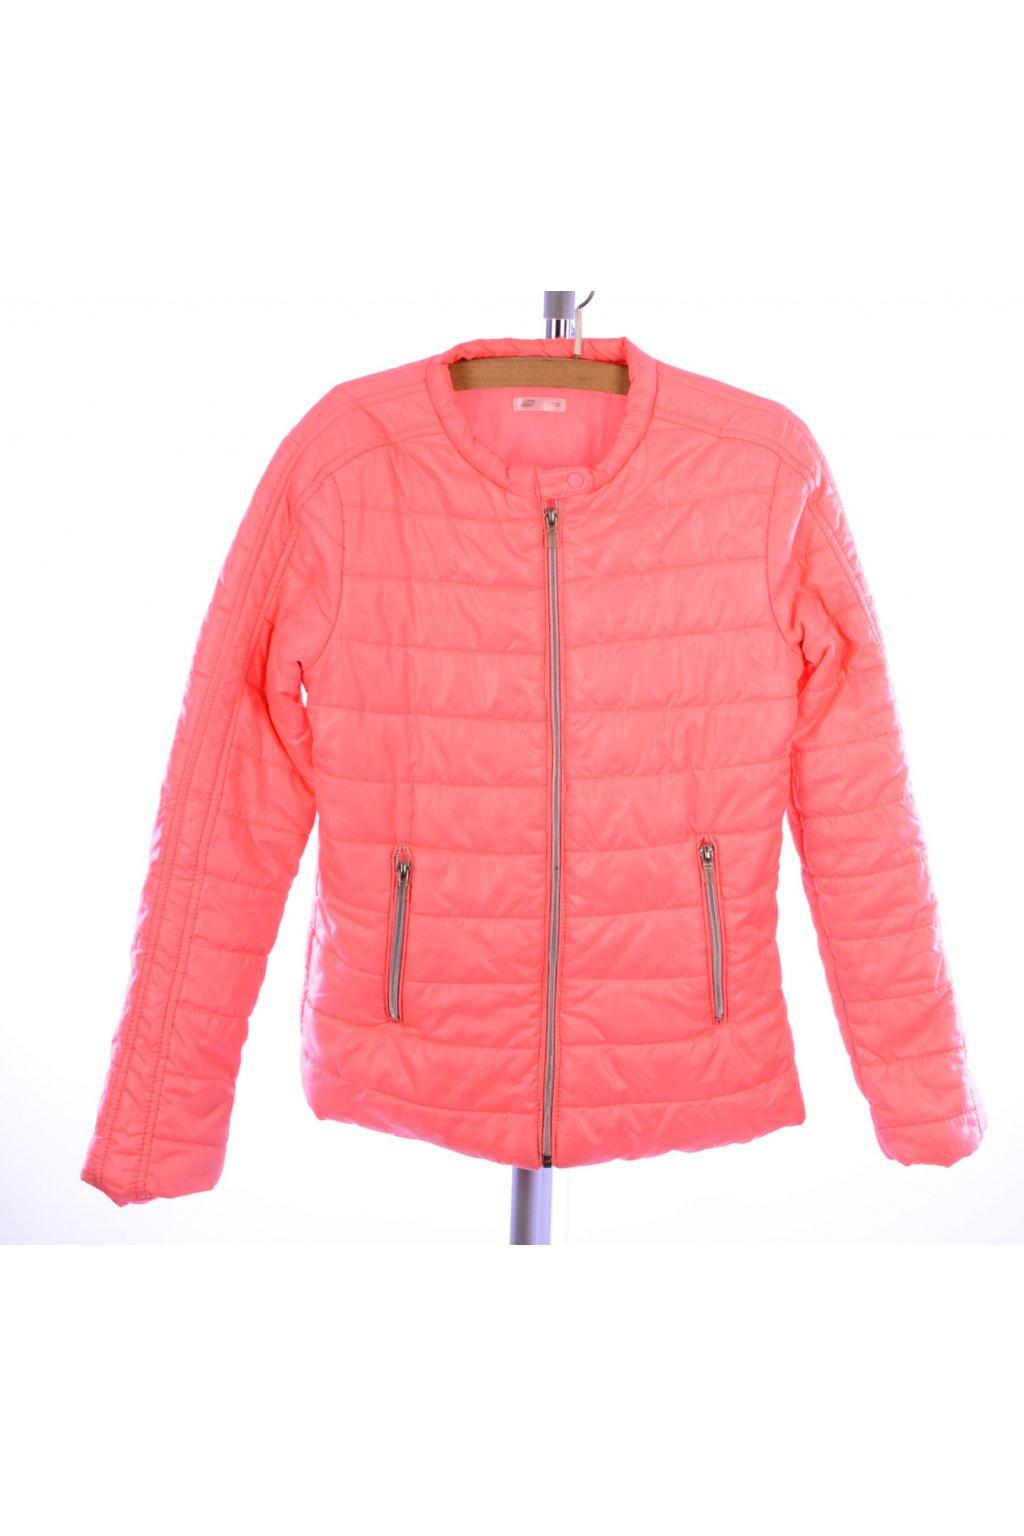 Bunda podzim zima Pepco vel 158 světle oranžová @